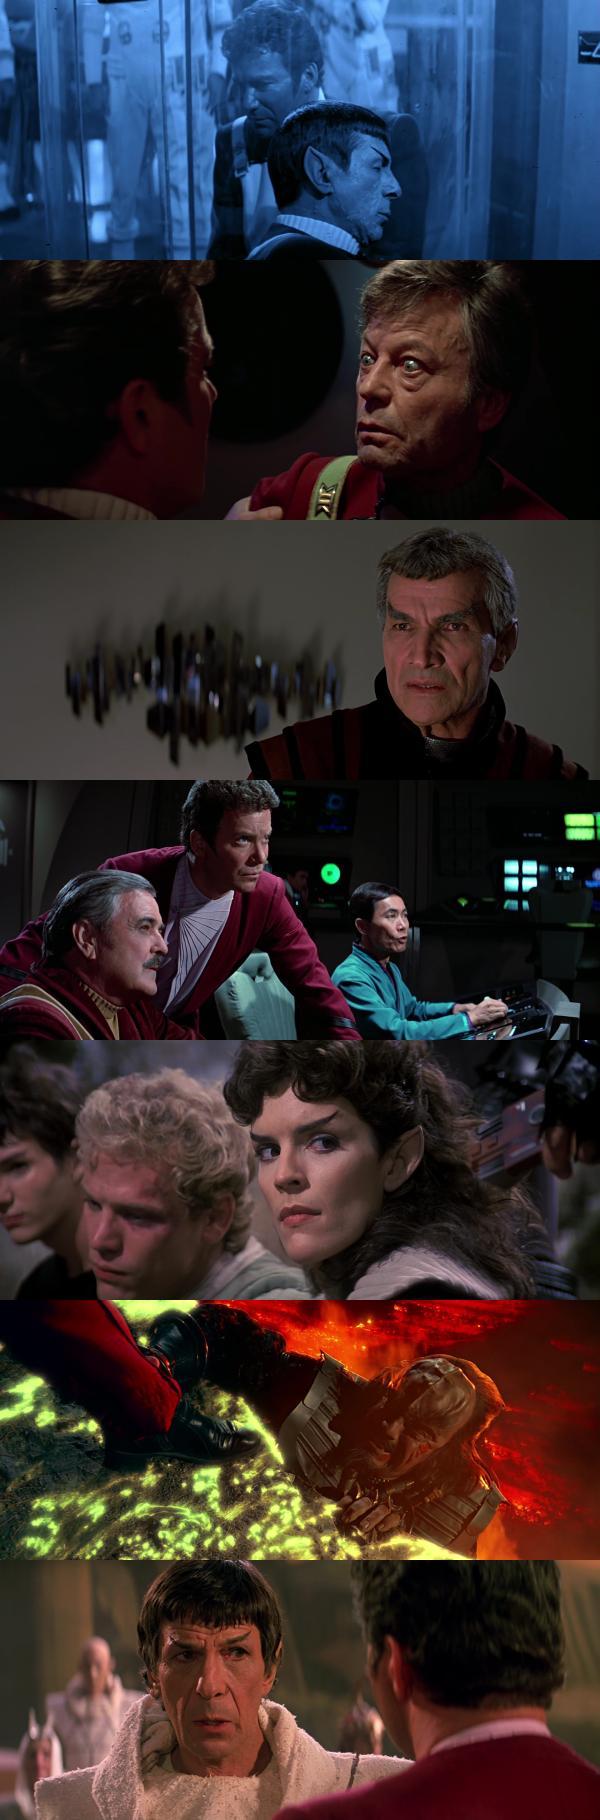 http://watershade.net/public/star-trek-iii-search-for-spock.jpg